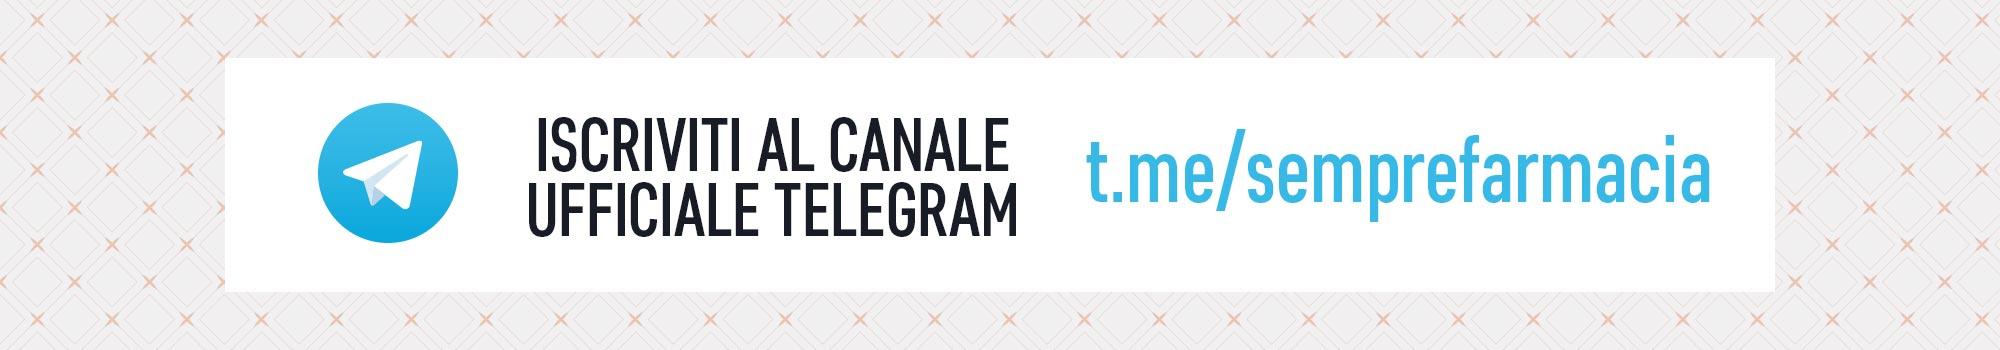 Telegram sconti e promozioni di Semprefarmacia.it